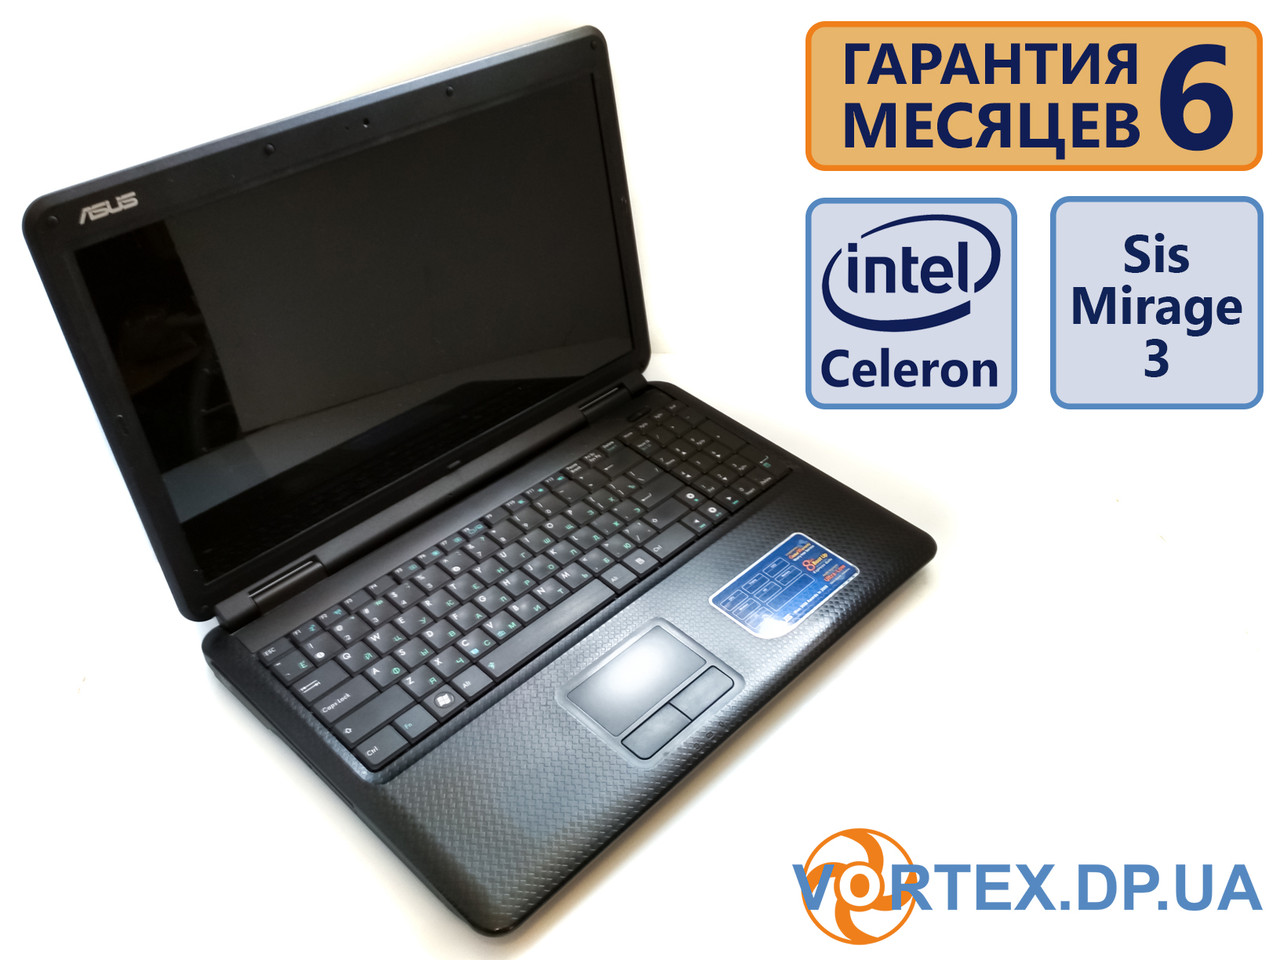 Ноутбук Asus K50 15.6 (1366x768) / Intel Celeron M 530 (2x1.73GHz) / R